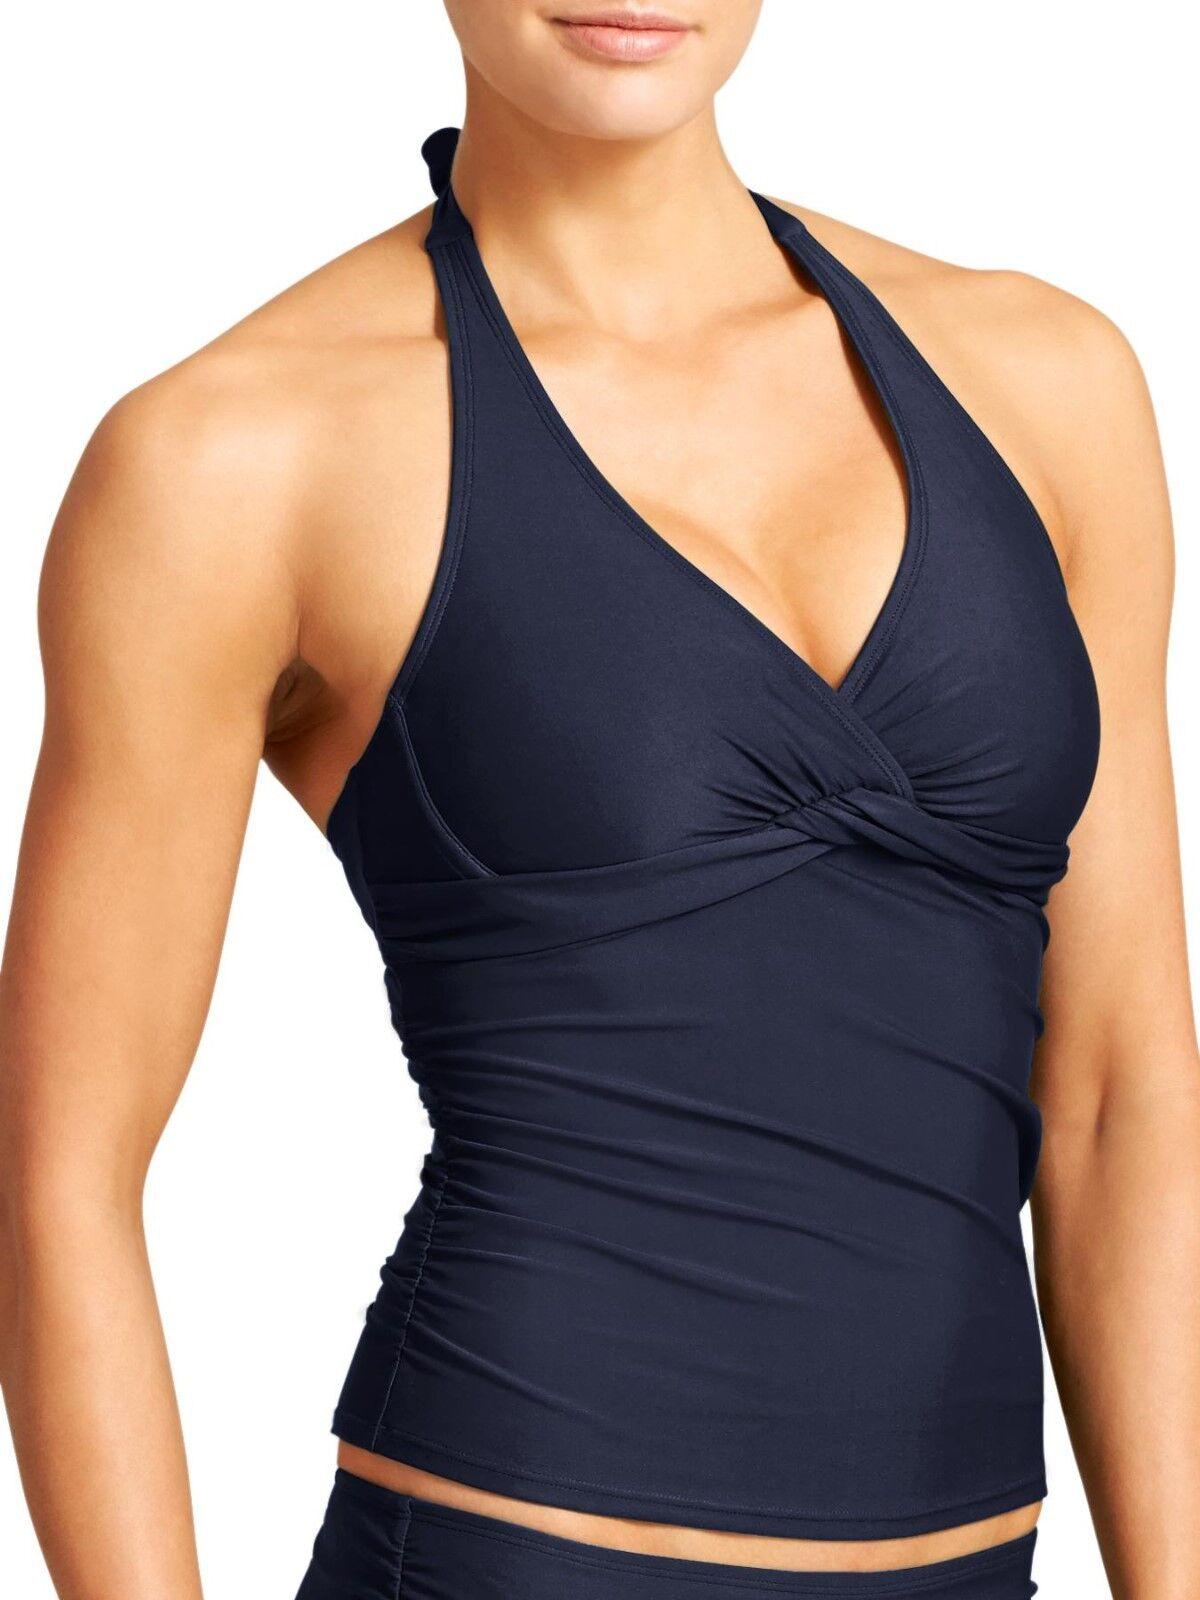 NWT Athleta Tara Halter Tankini Dress bluee SIZE 36 D DD  36 D   DD   (T)